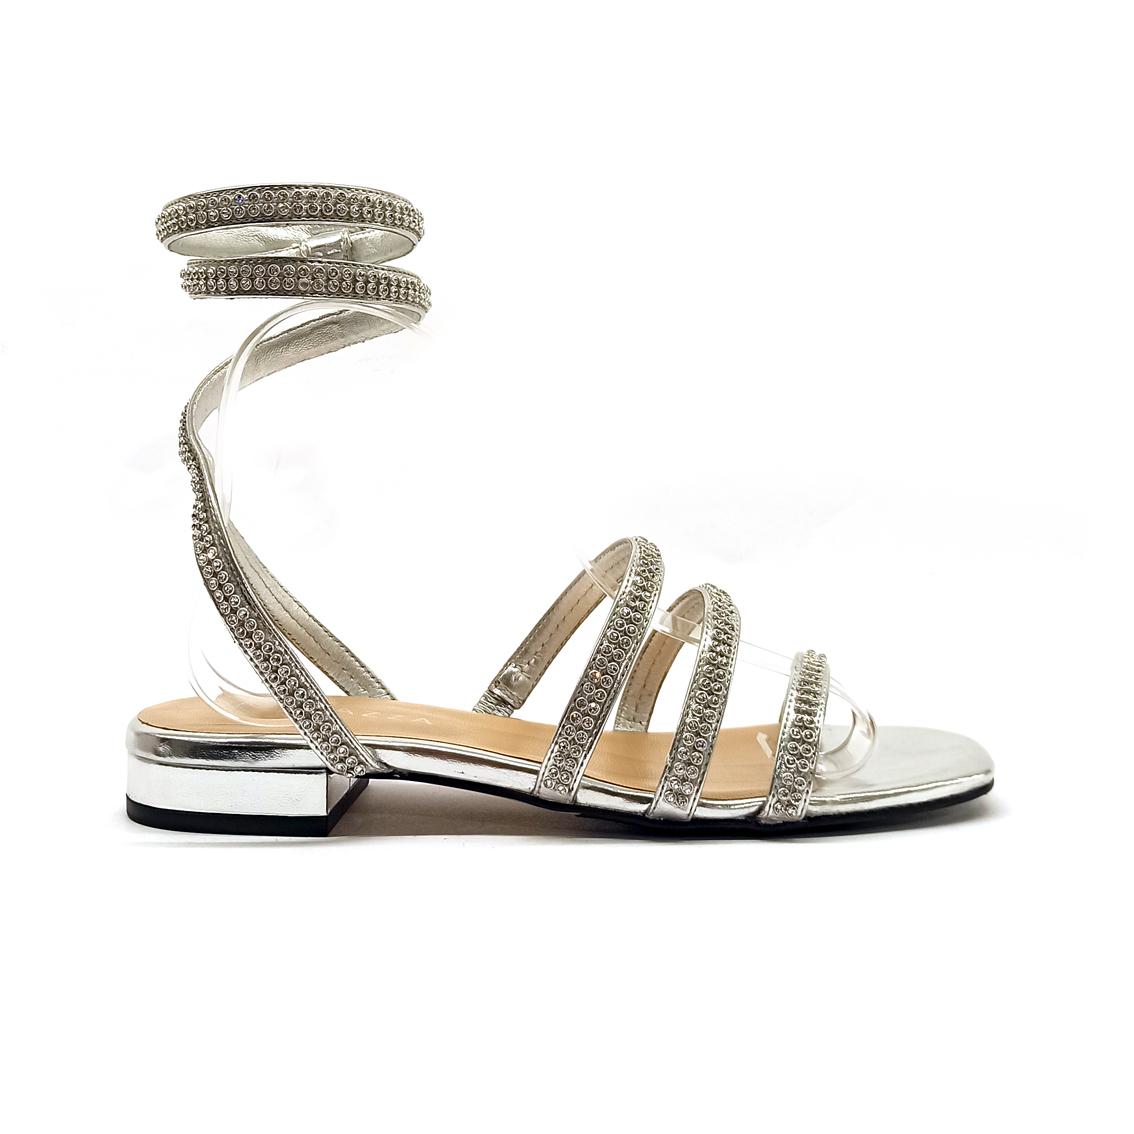 Sandalo gioiello argento Apepazza